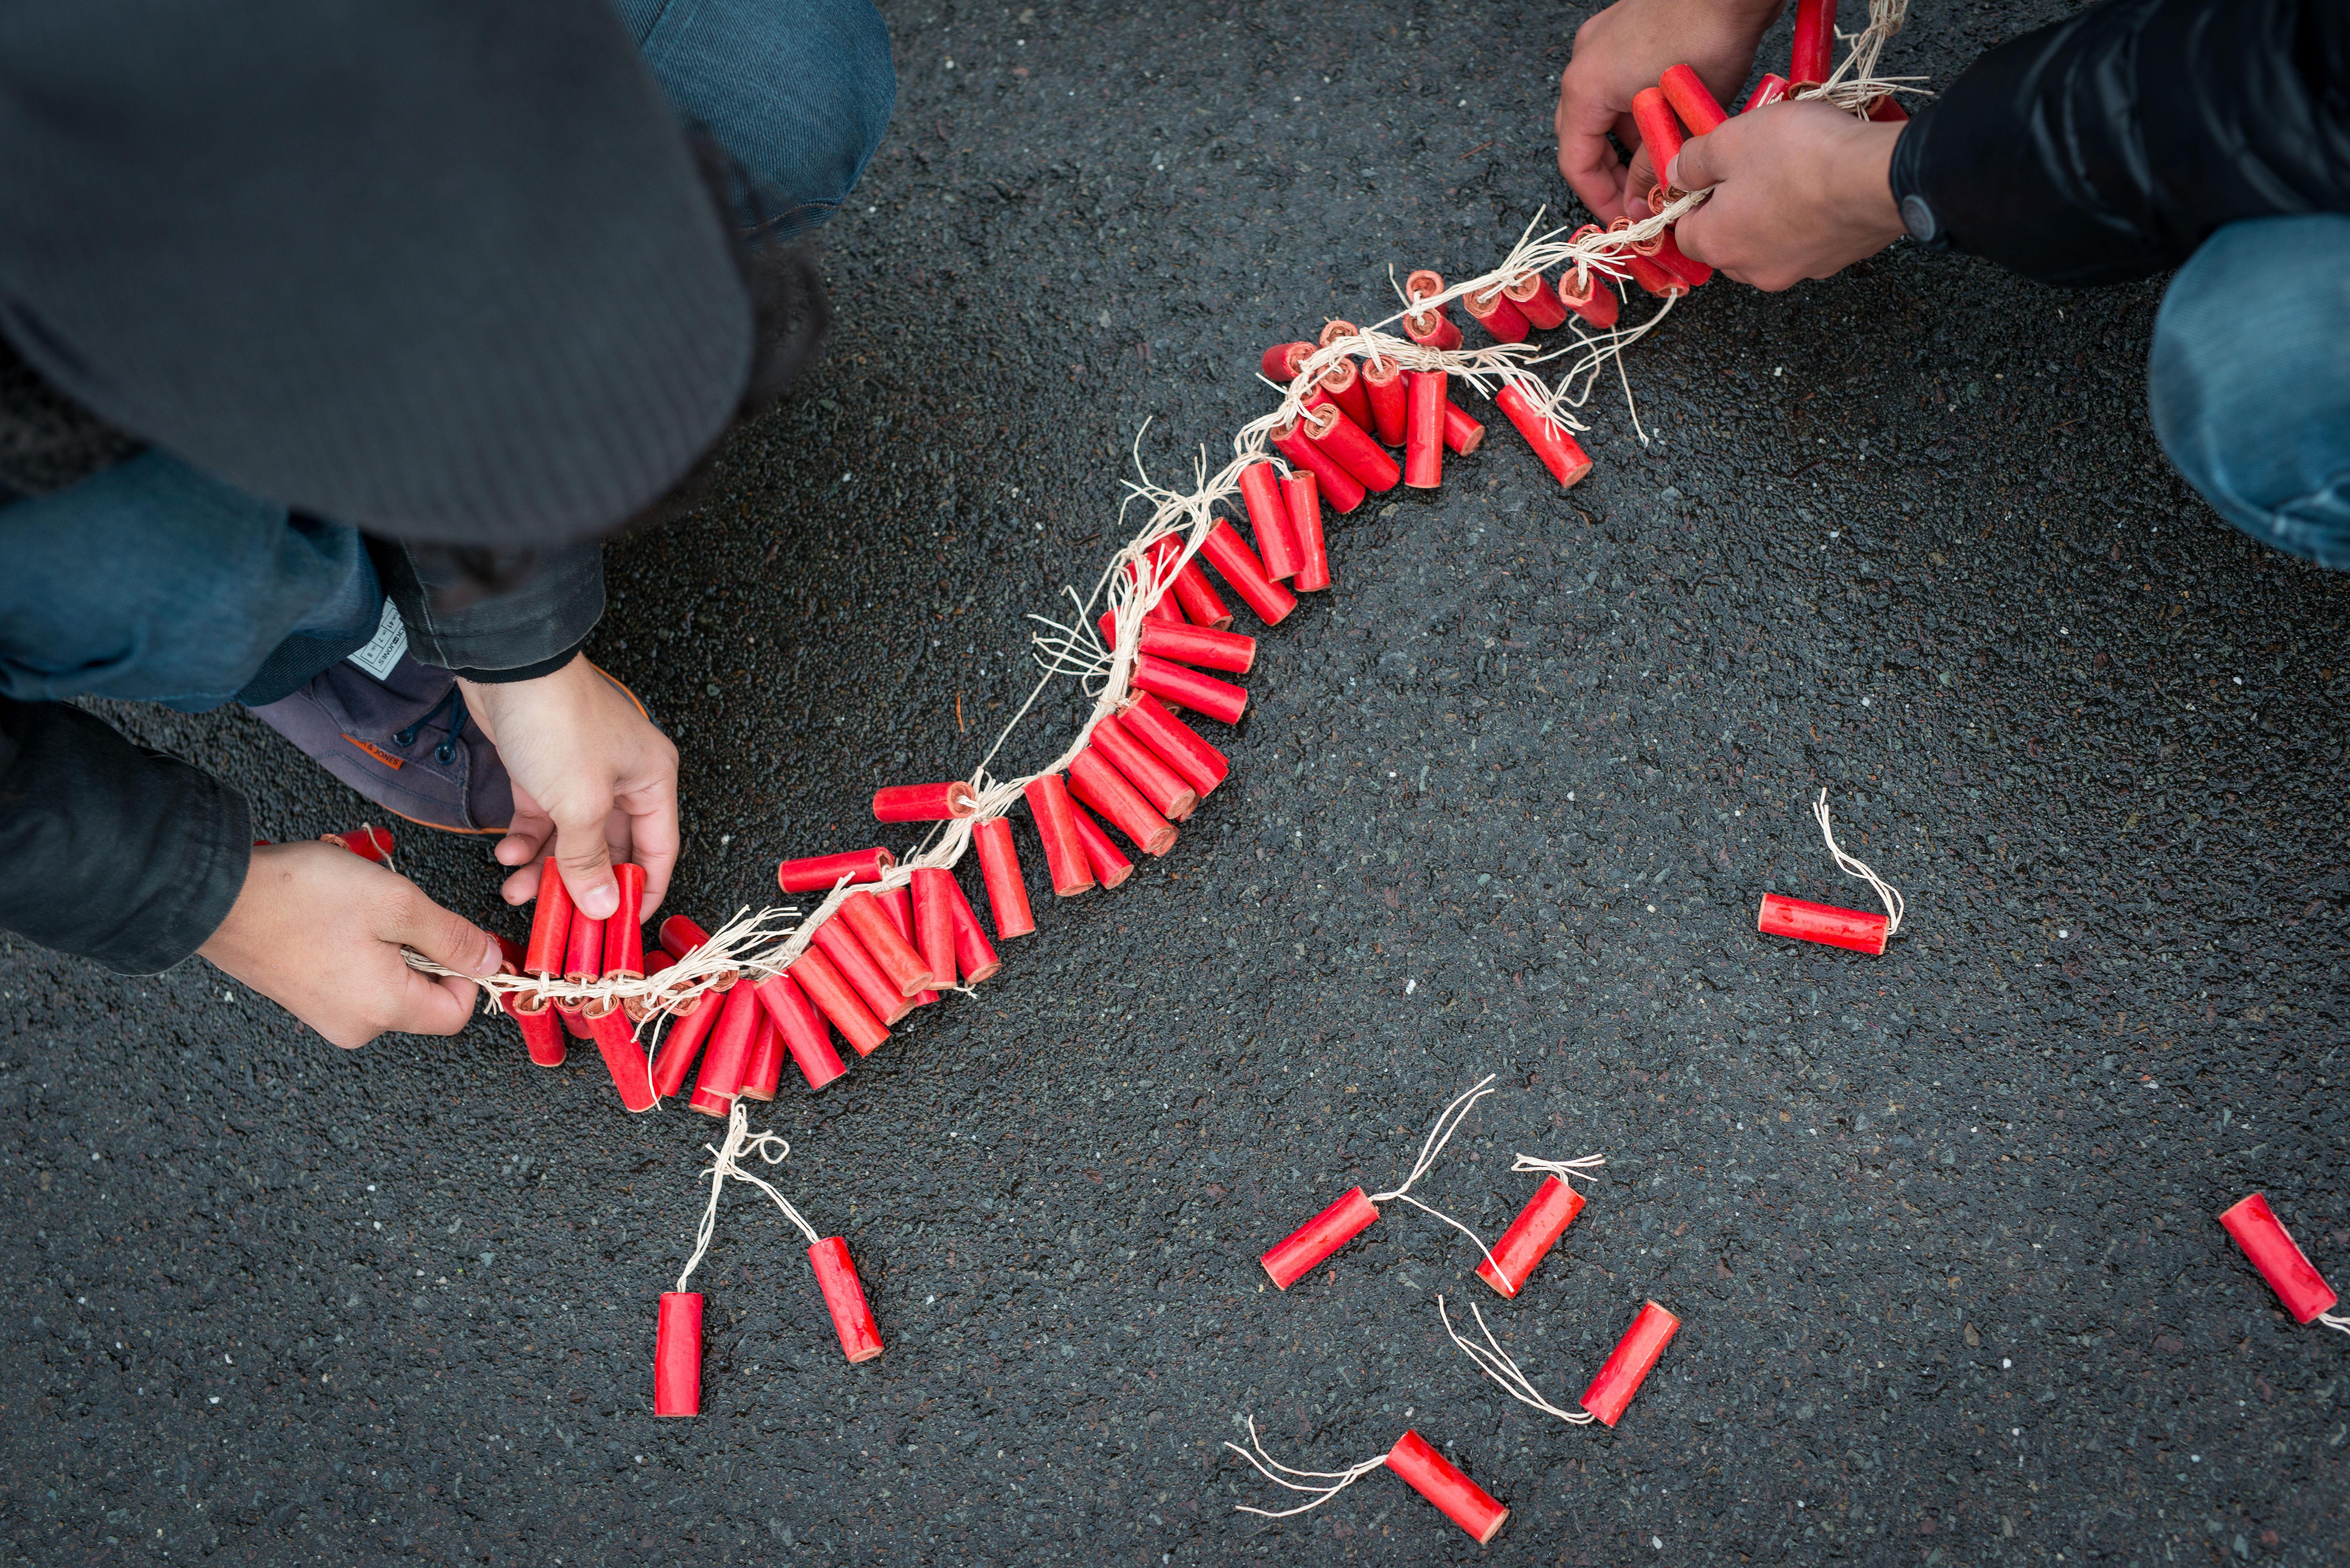 Zestien kilo illegaal vuurwerk gevonden in woning Wognum. Bewoner (24) is aangehouden